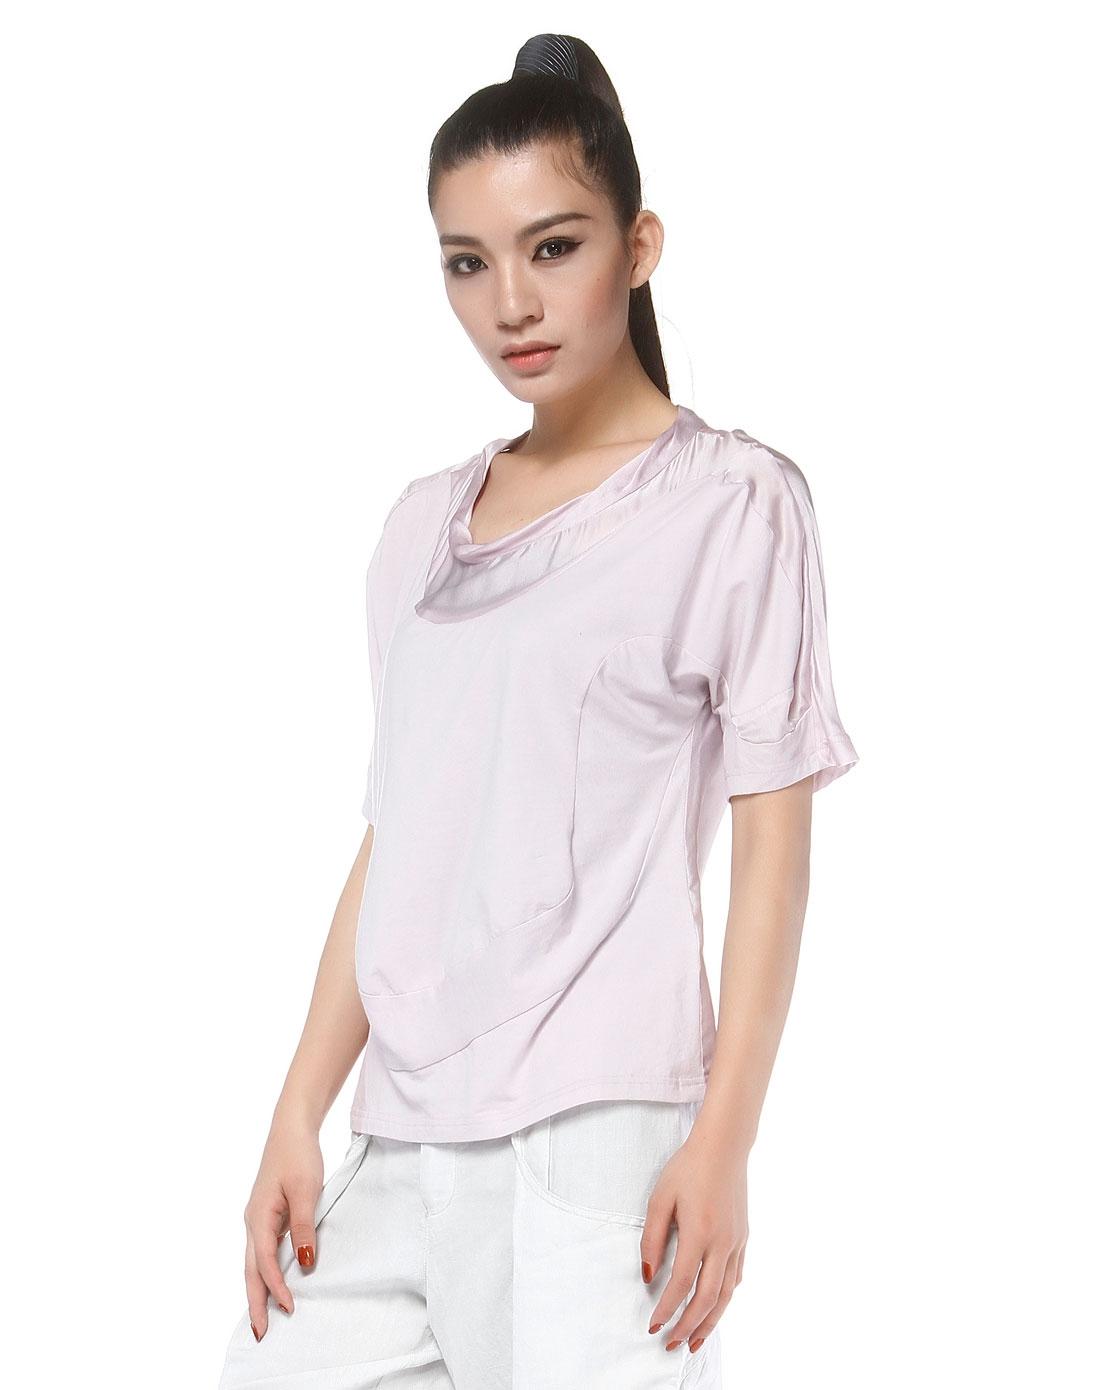 烟紫色撞料立体裁剪个性中袖t恤